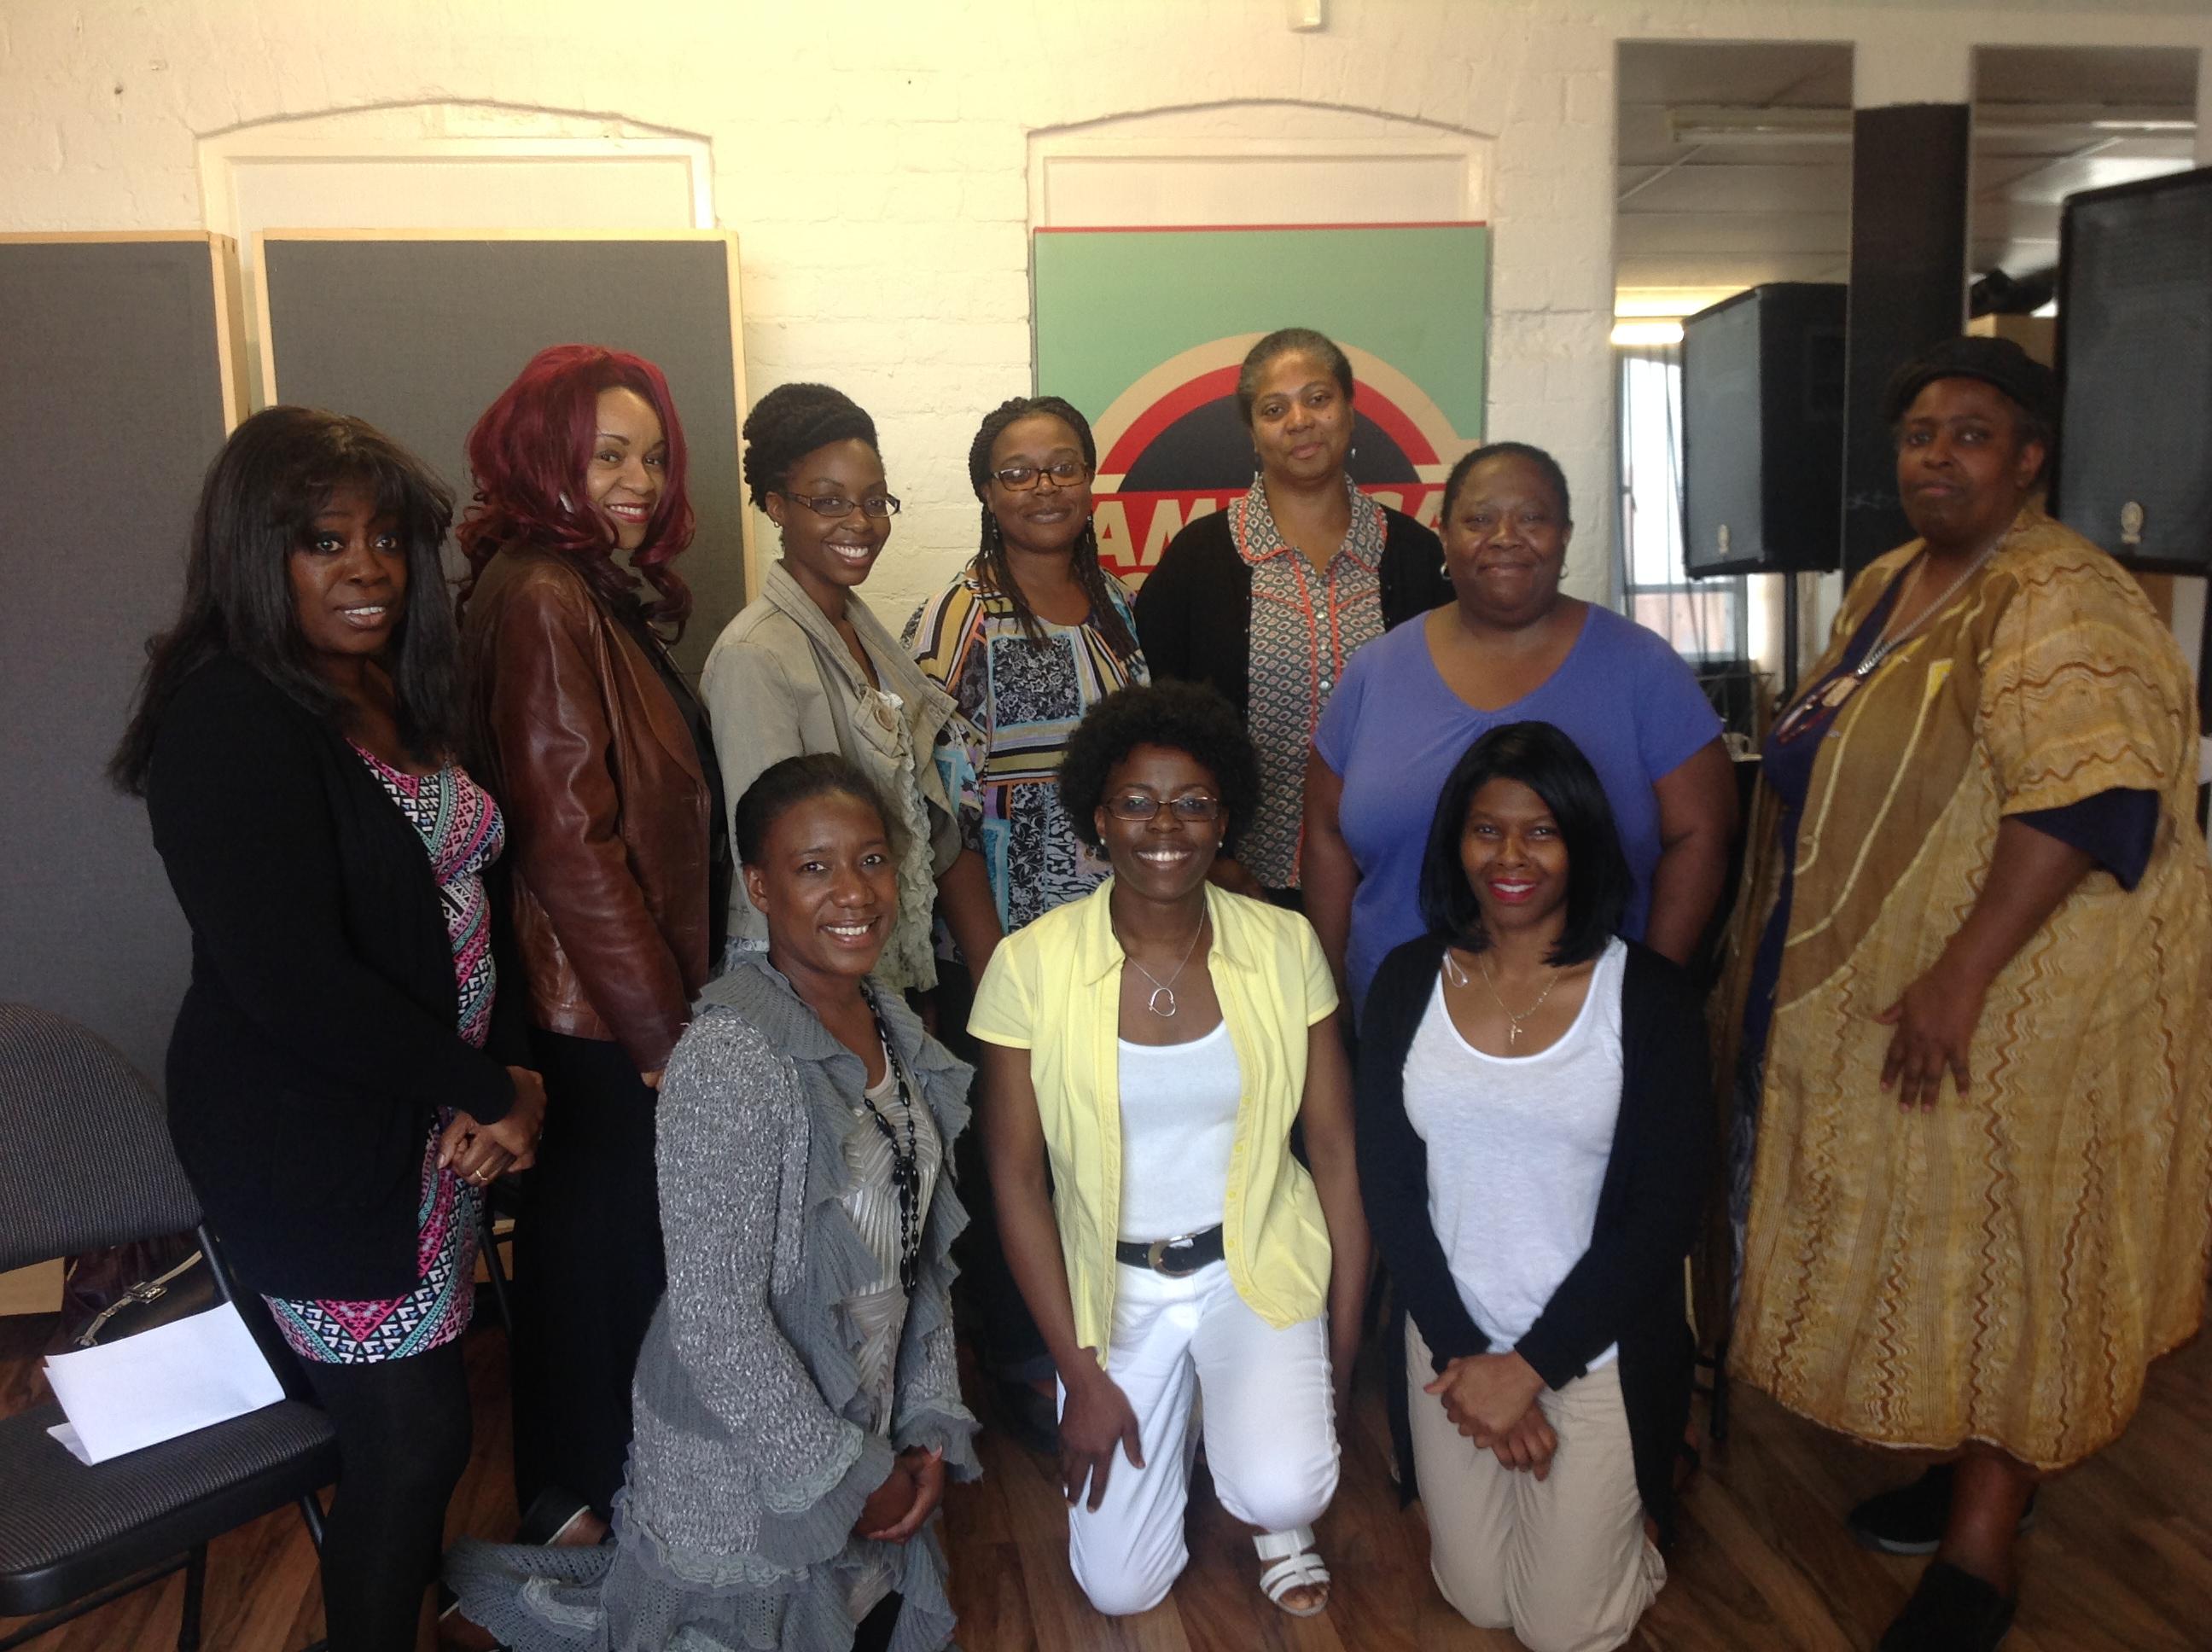 First Cohort of CFMNE Sept 2014,l hosted by Millicent Stephenson